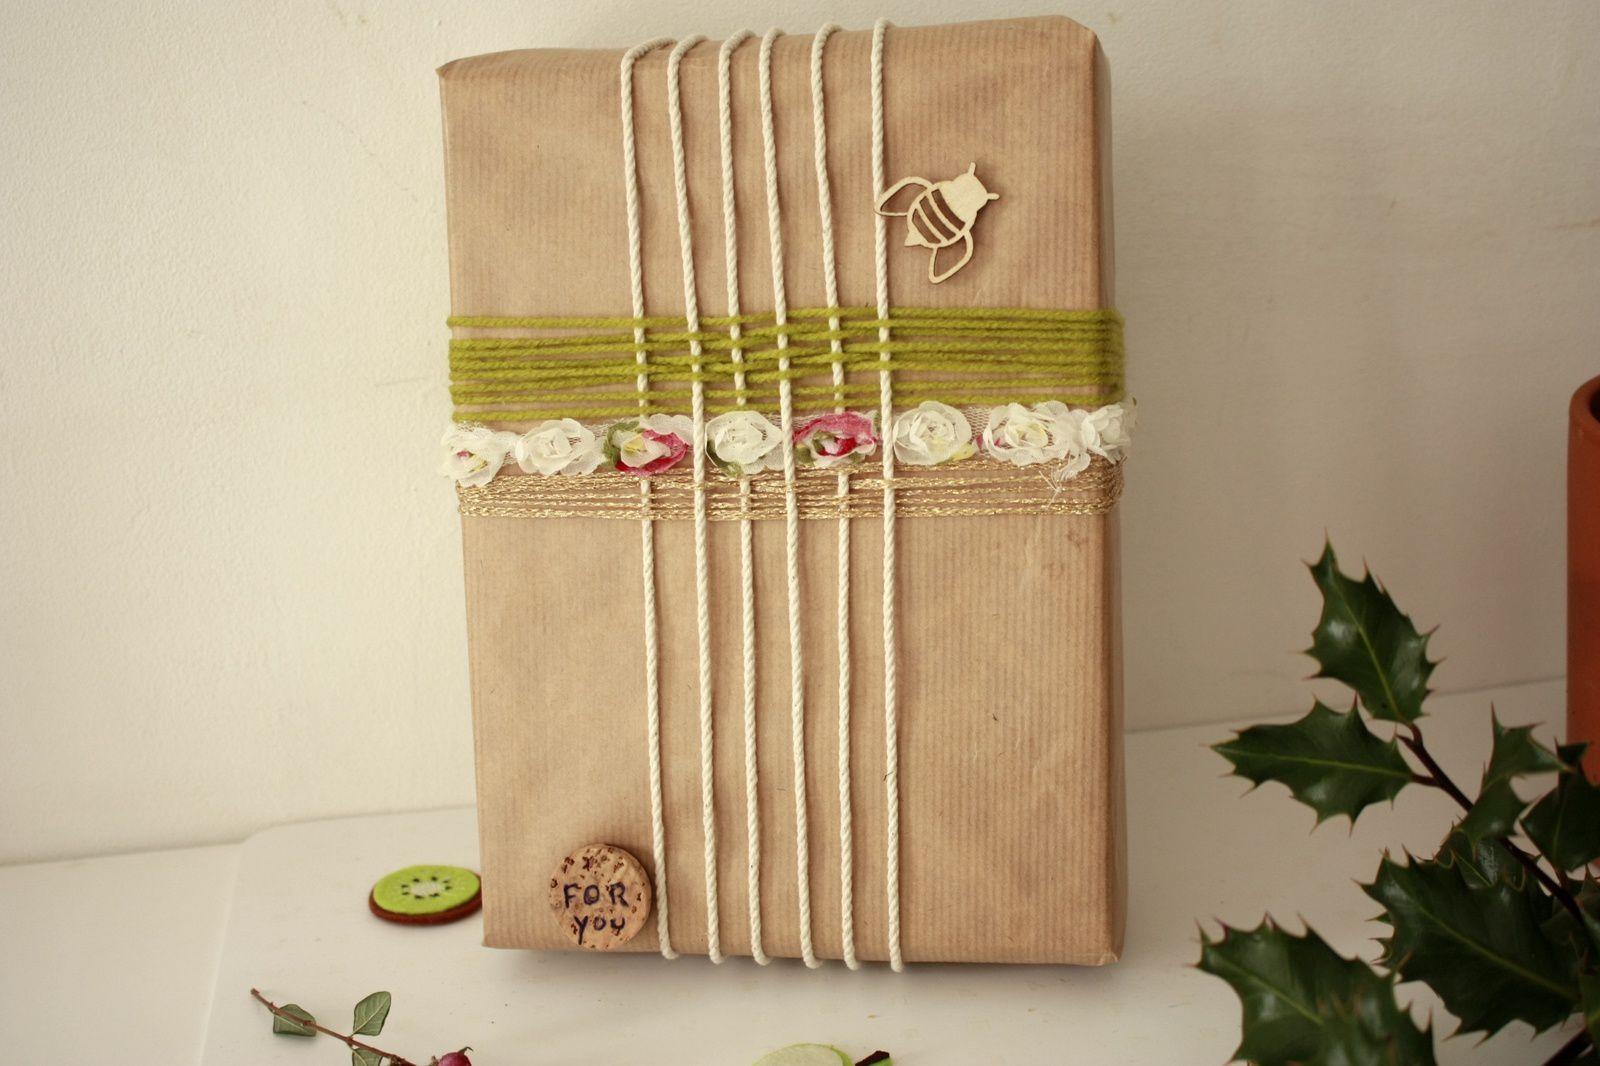 Inspiration tissage pour des paquets cadeaux esprit nature !!